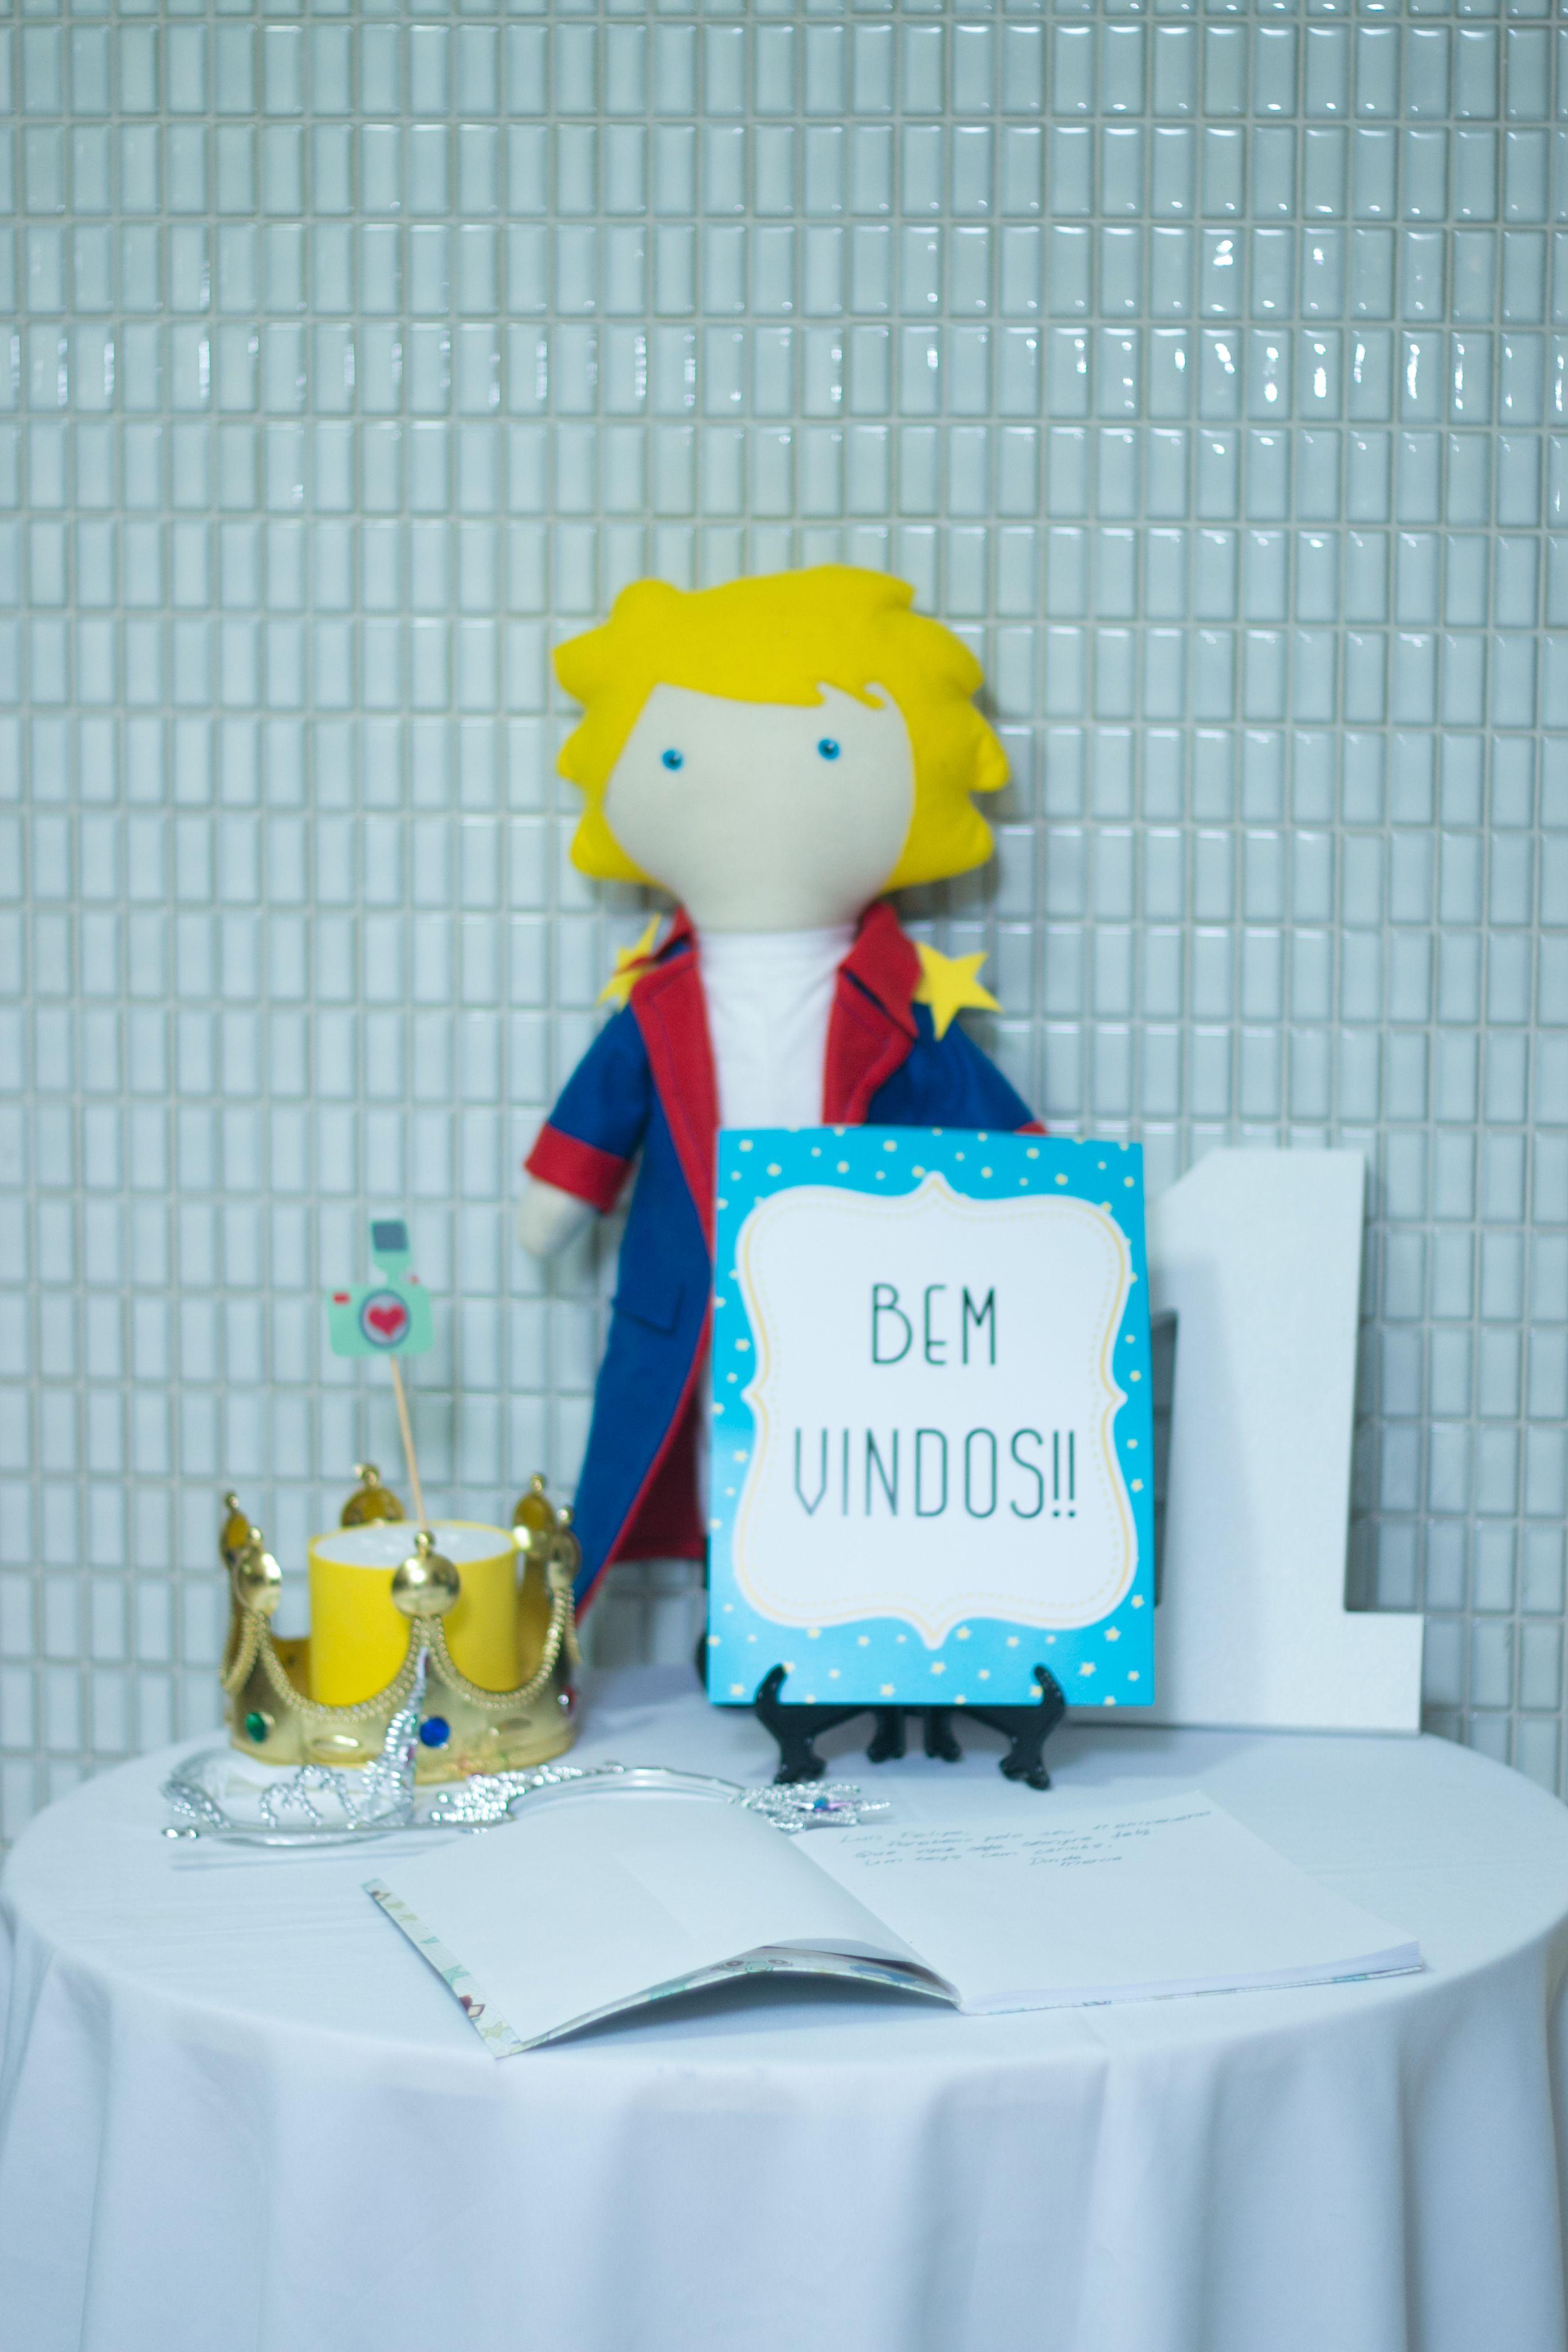 Pequeno príncipe - confecção de bonecos para a festa